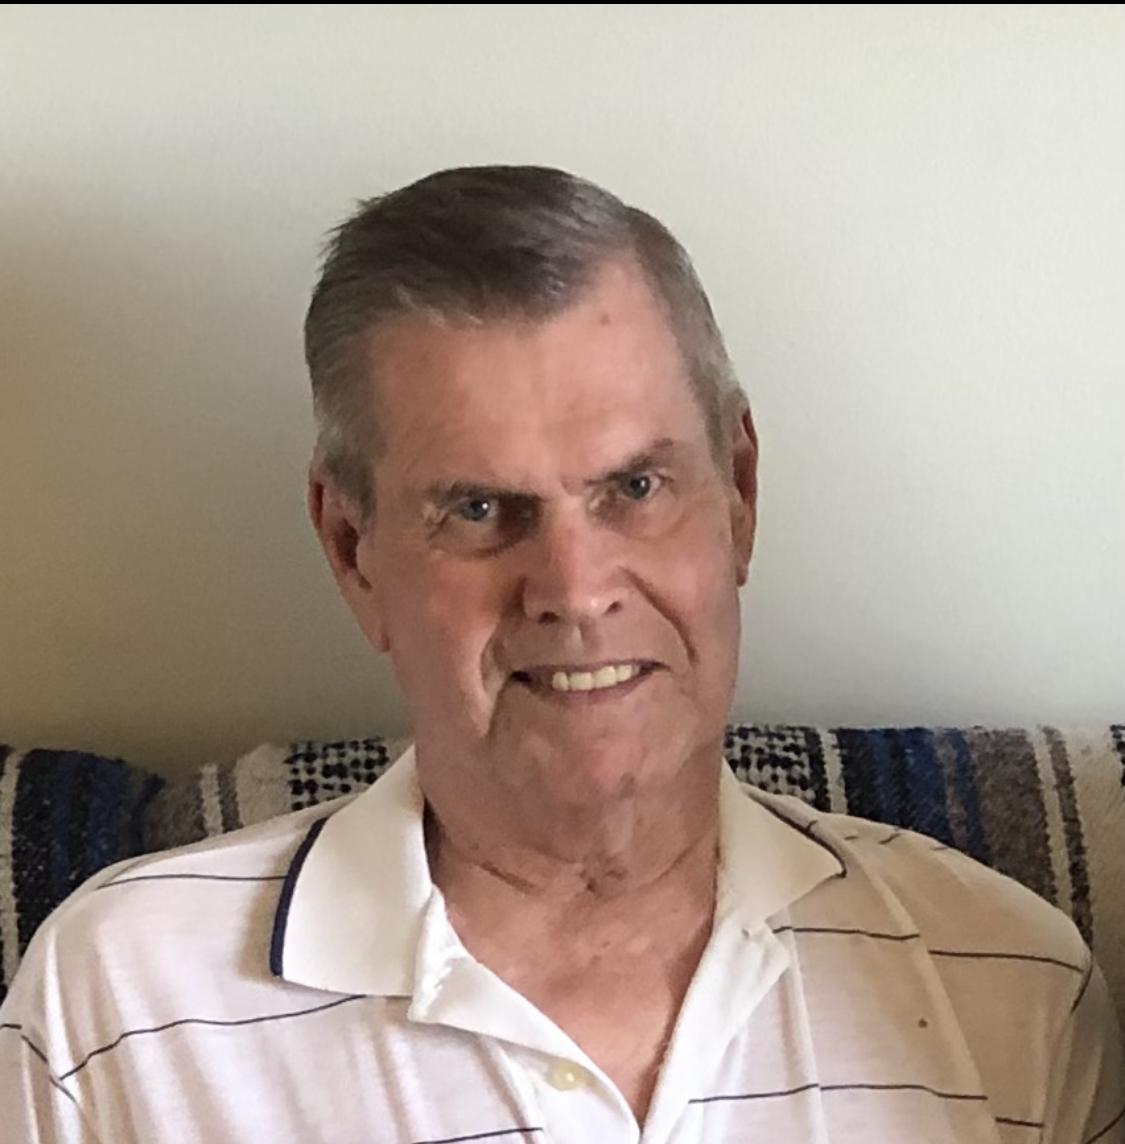 Philip E. Ehlers – 74